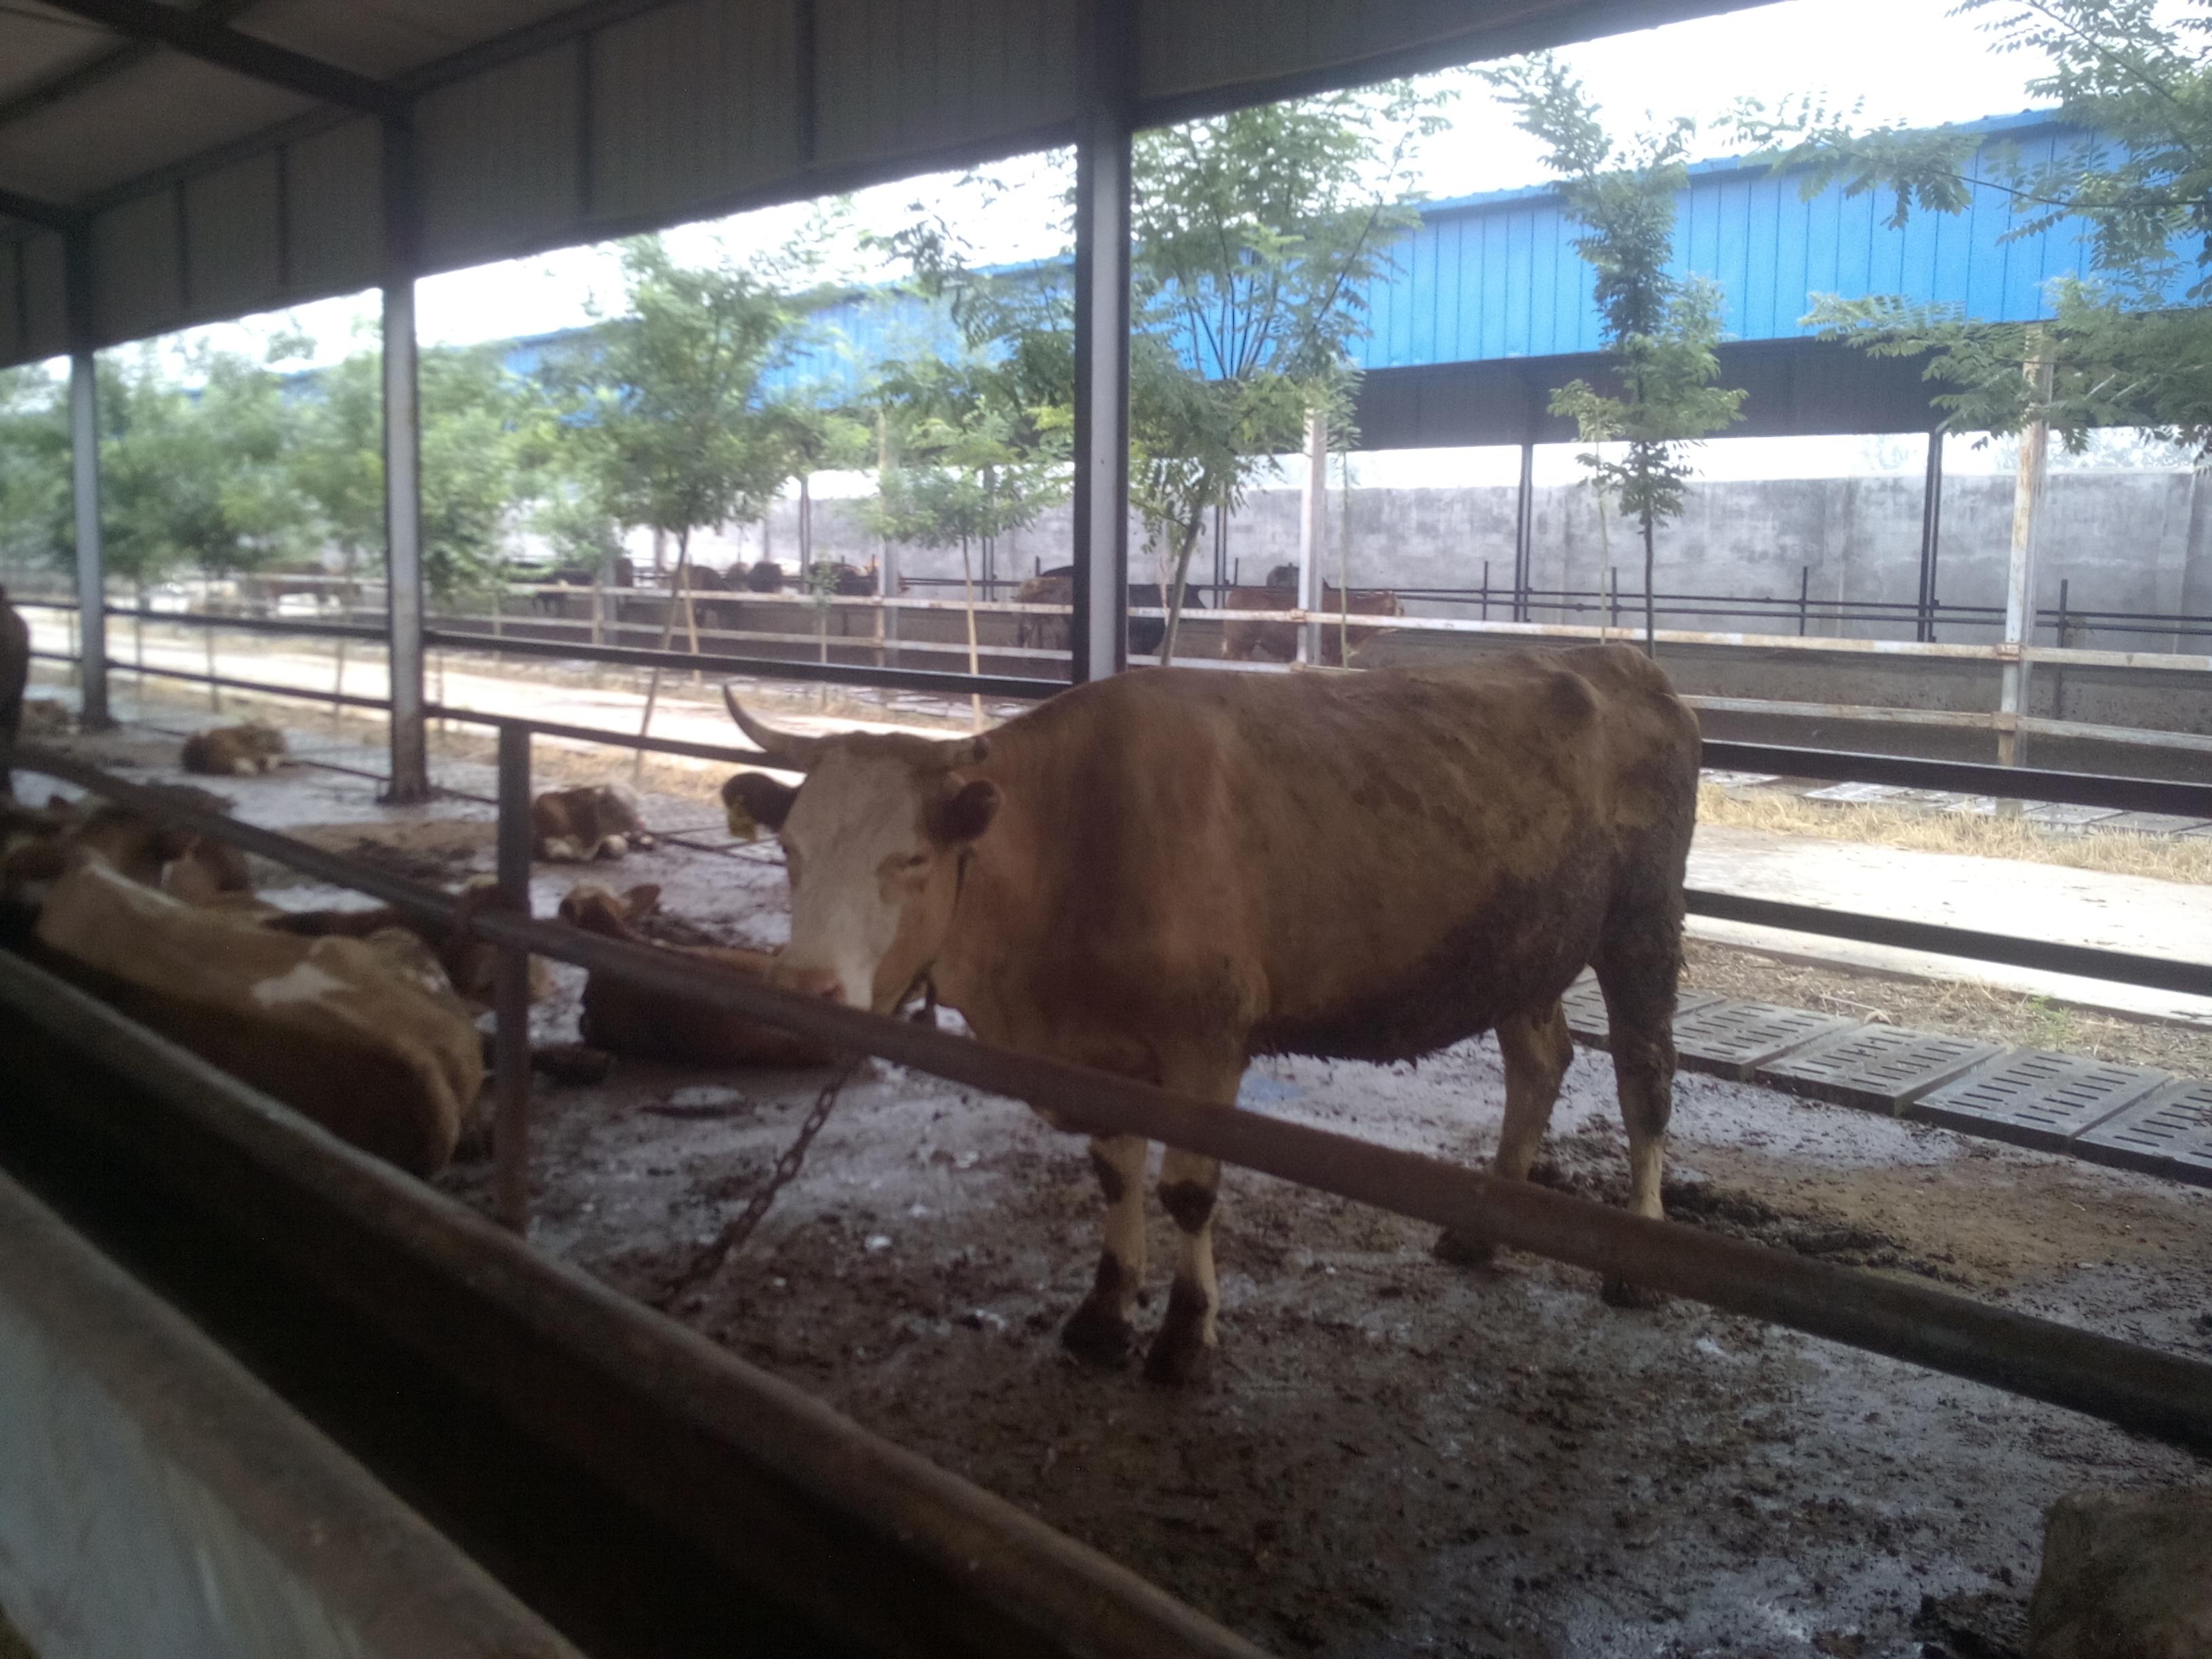 山东出售肉牛西门塔尔牛 鲁西黄牛价格 利木赞牛  肉牛养殖基地